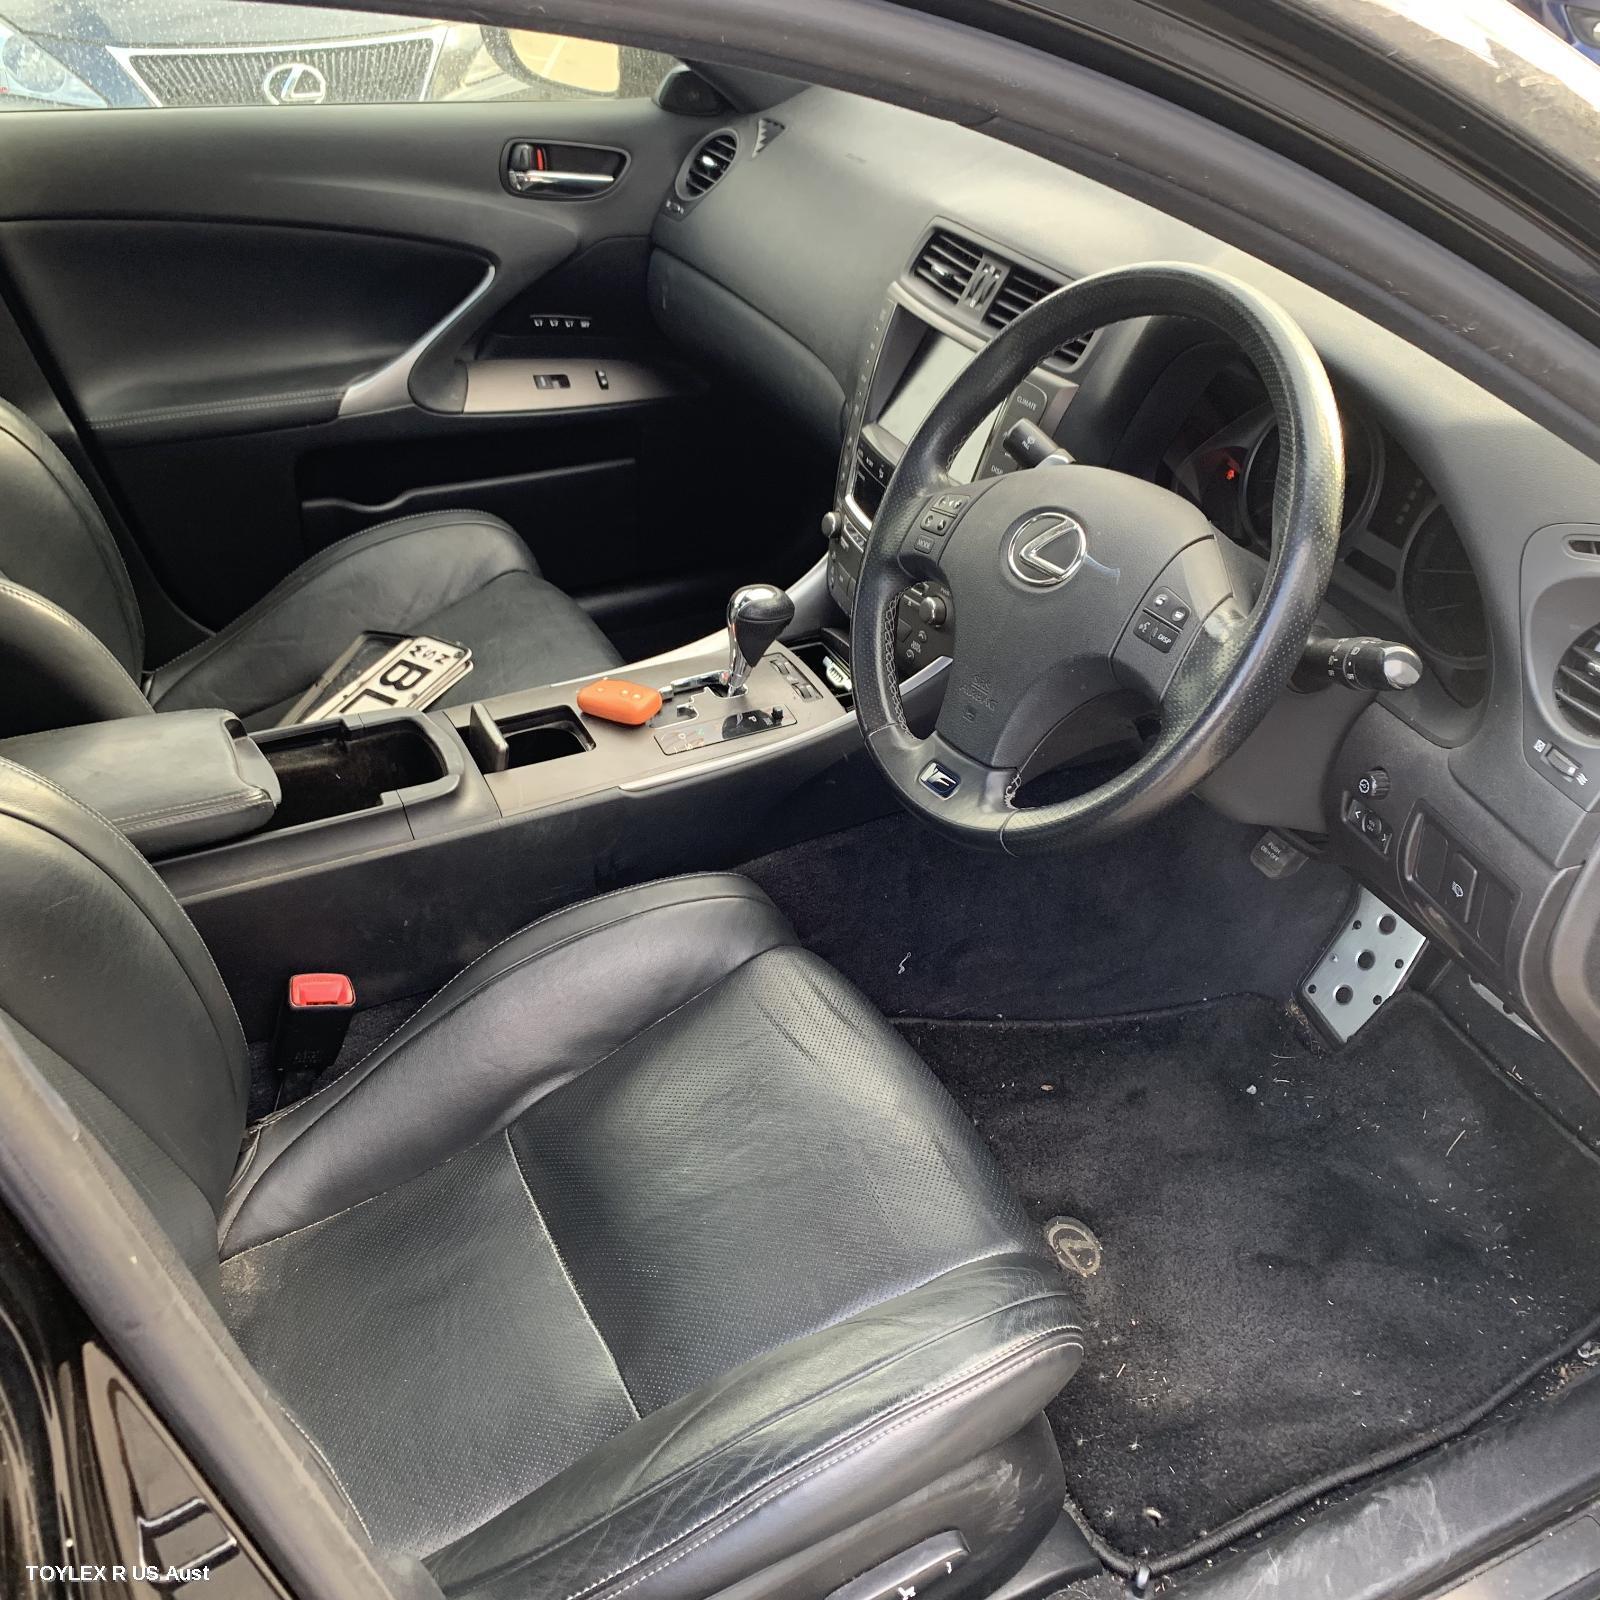 Lexus IS250 F SPORT 4GR-FSE 2 5L ENGINE AUTOMATIC RWD